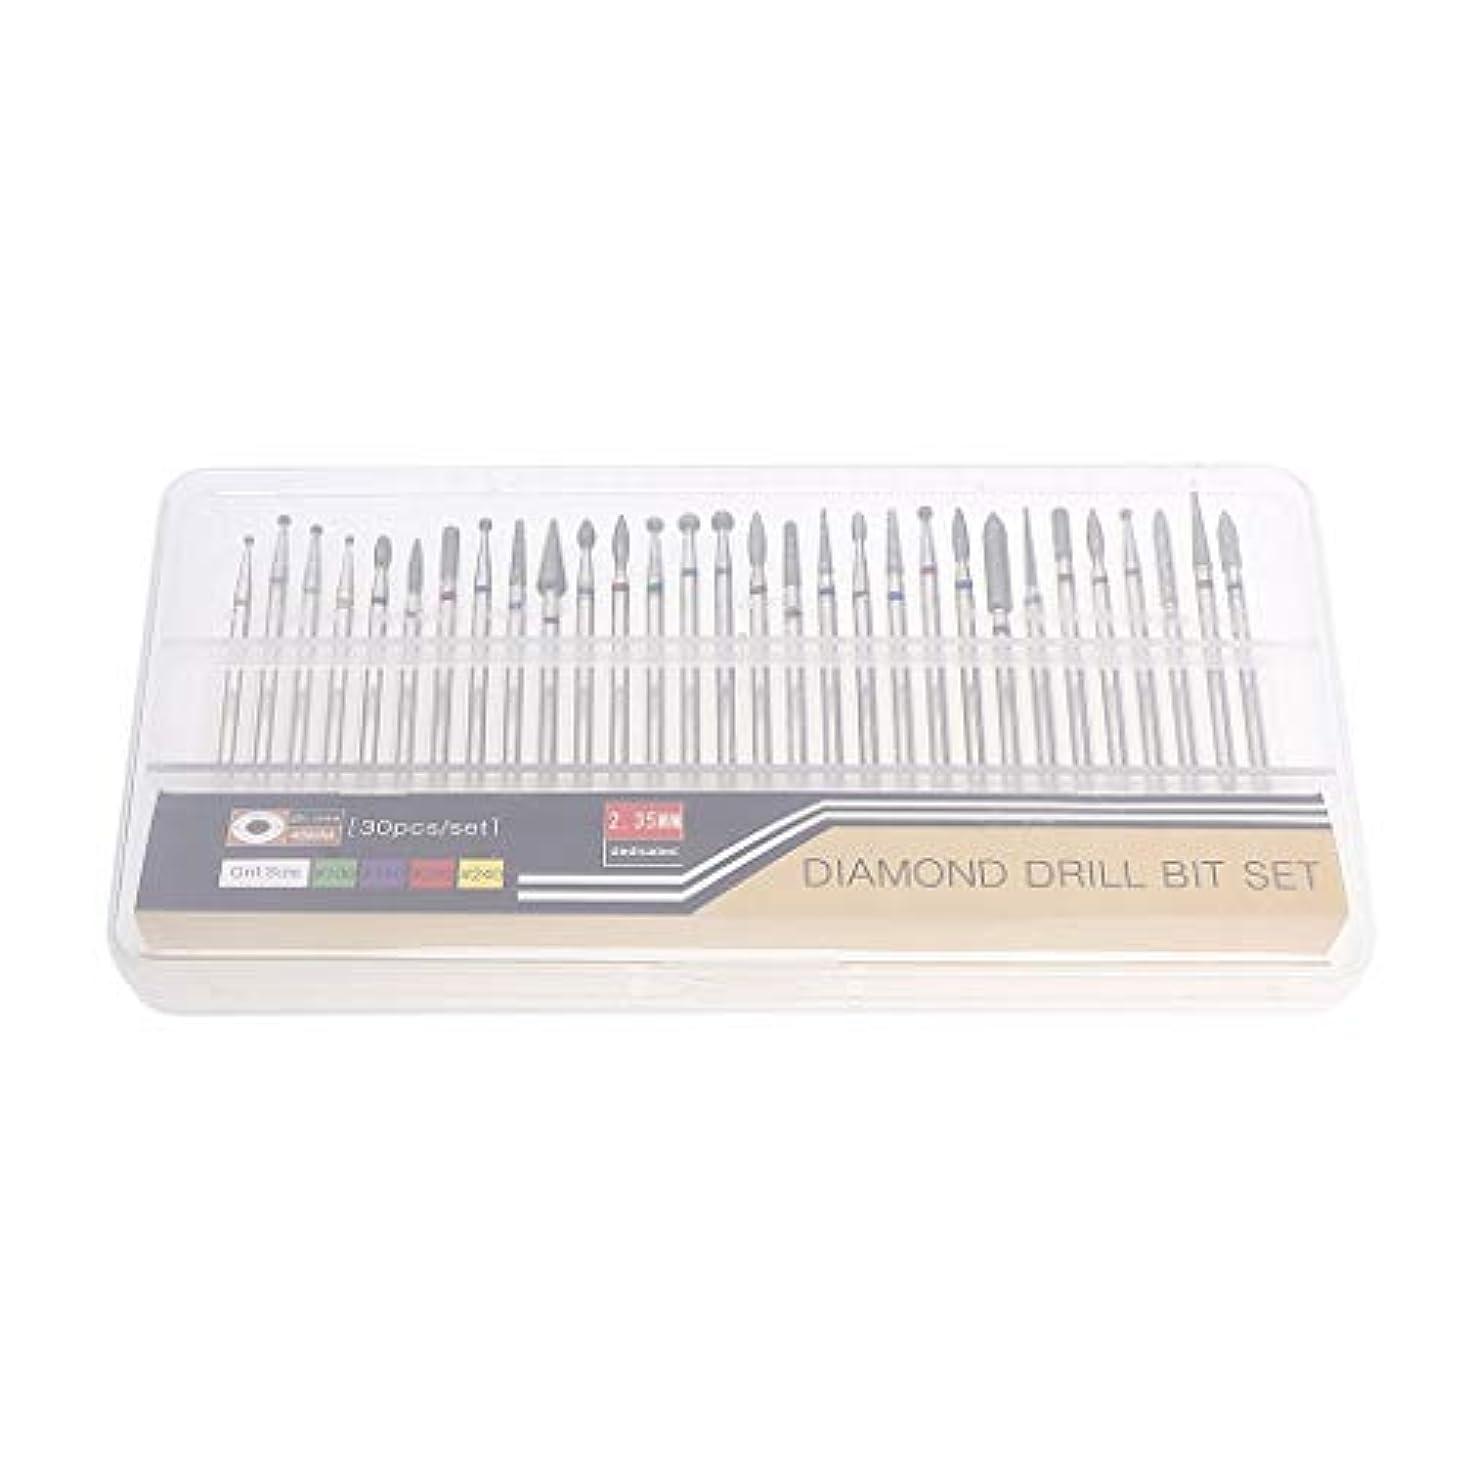 聖域単調なネックレットToygogo 電気ネイルドリル超硬ビットダイヤモンドネイルドリルマシンネイルファイルドリルビットキット、30個、アクリルネイルジェルネイルグレージング、マニキュア、ペディキュア用